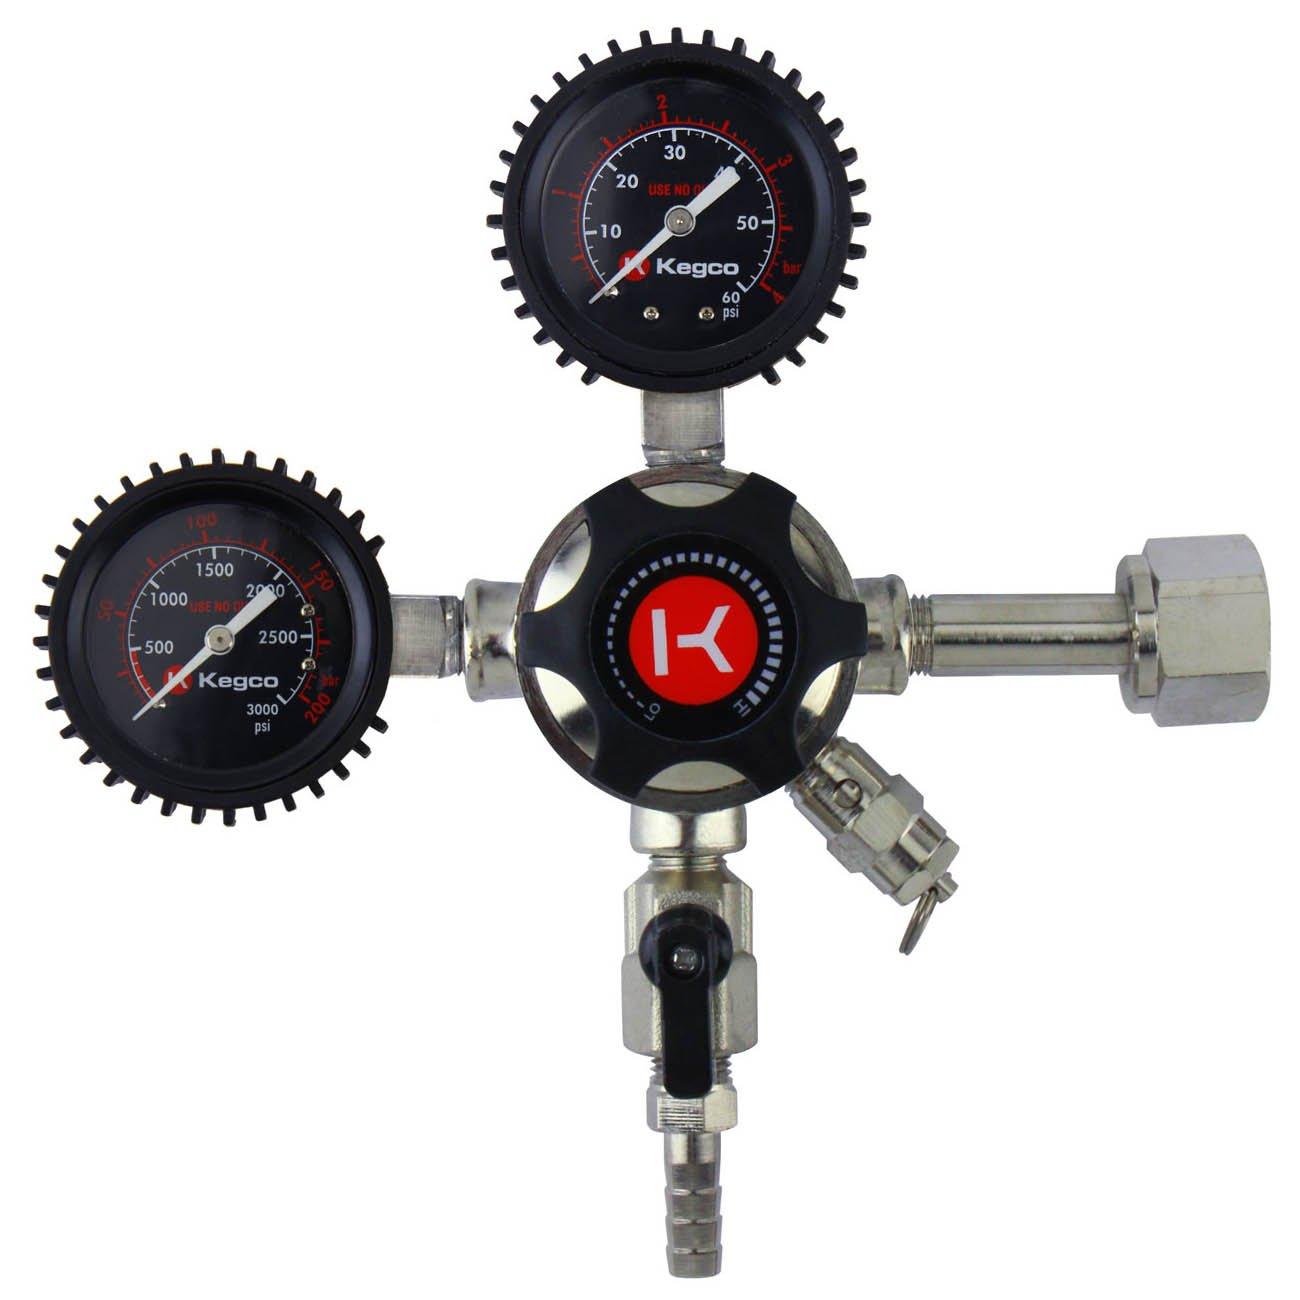 Kegco LHU52 Elite Series Dual Gauge CO2 Draft Beer Regulator